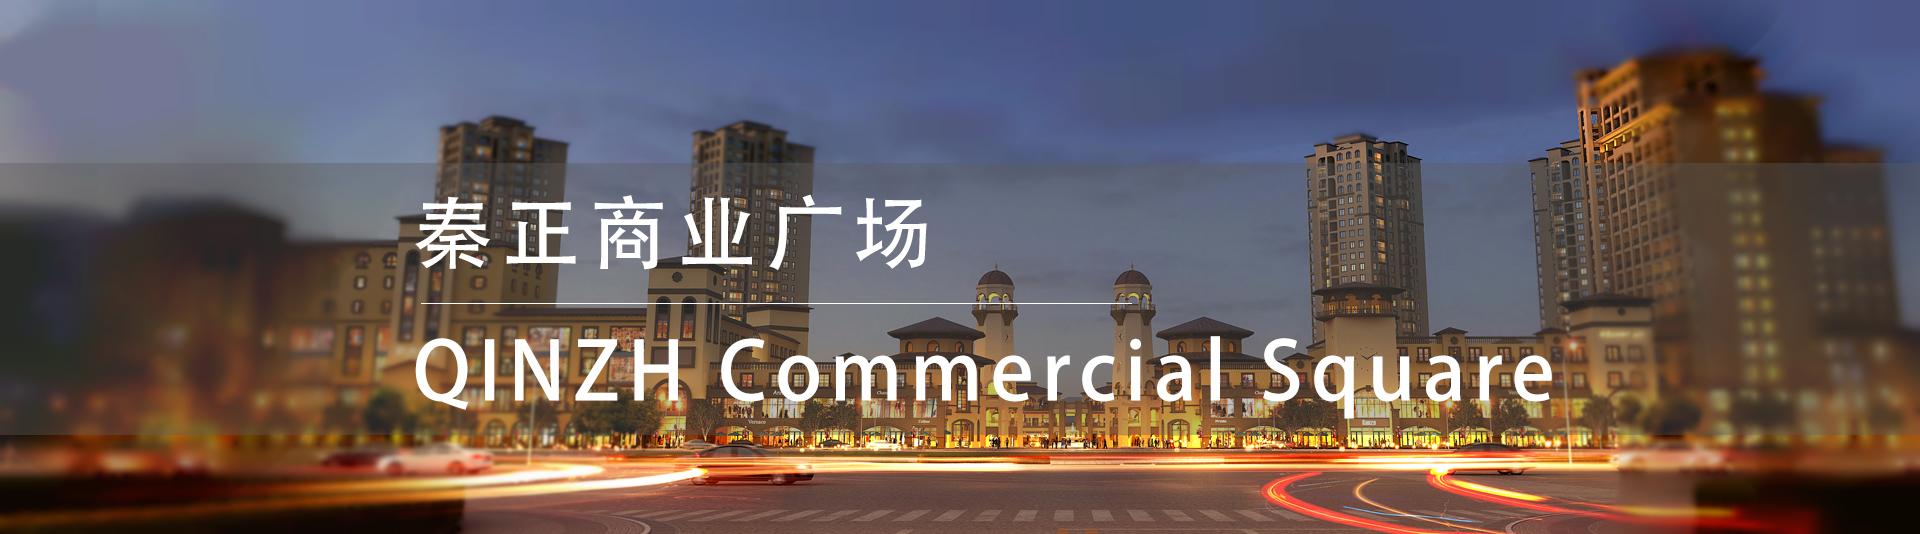 秦正商业广场